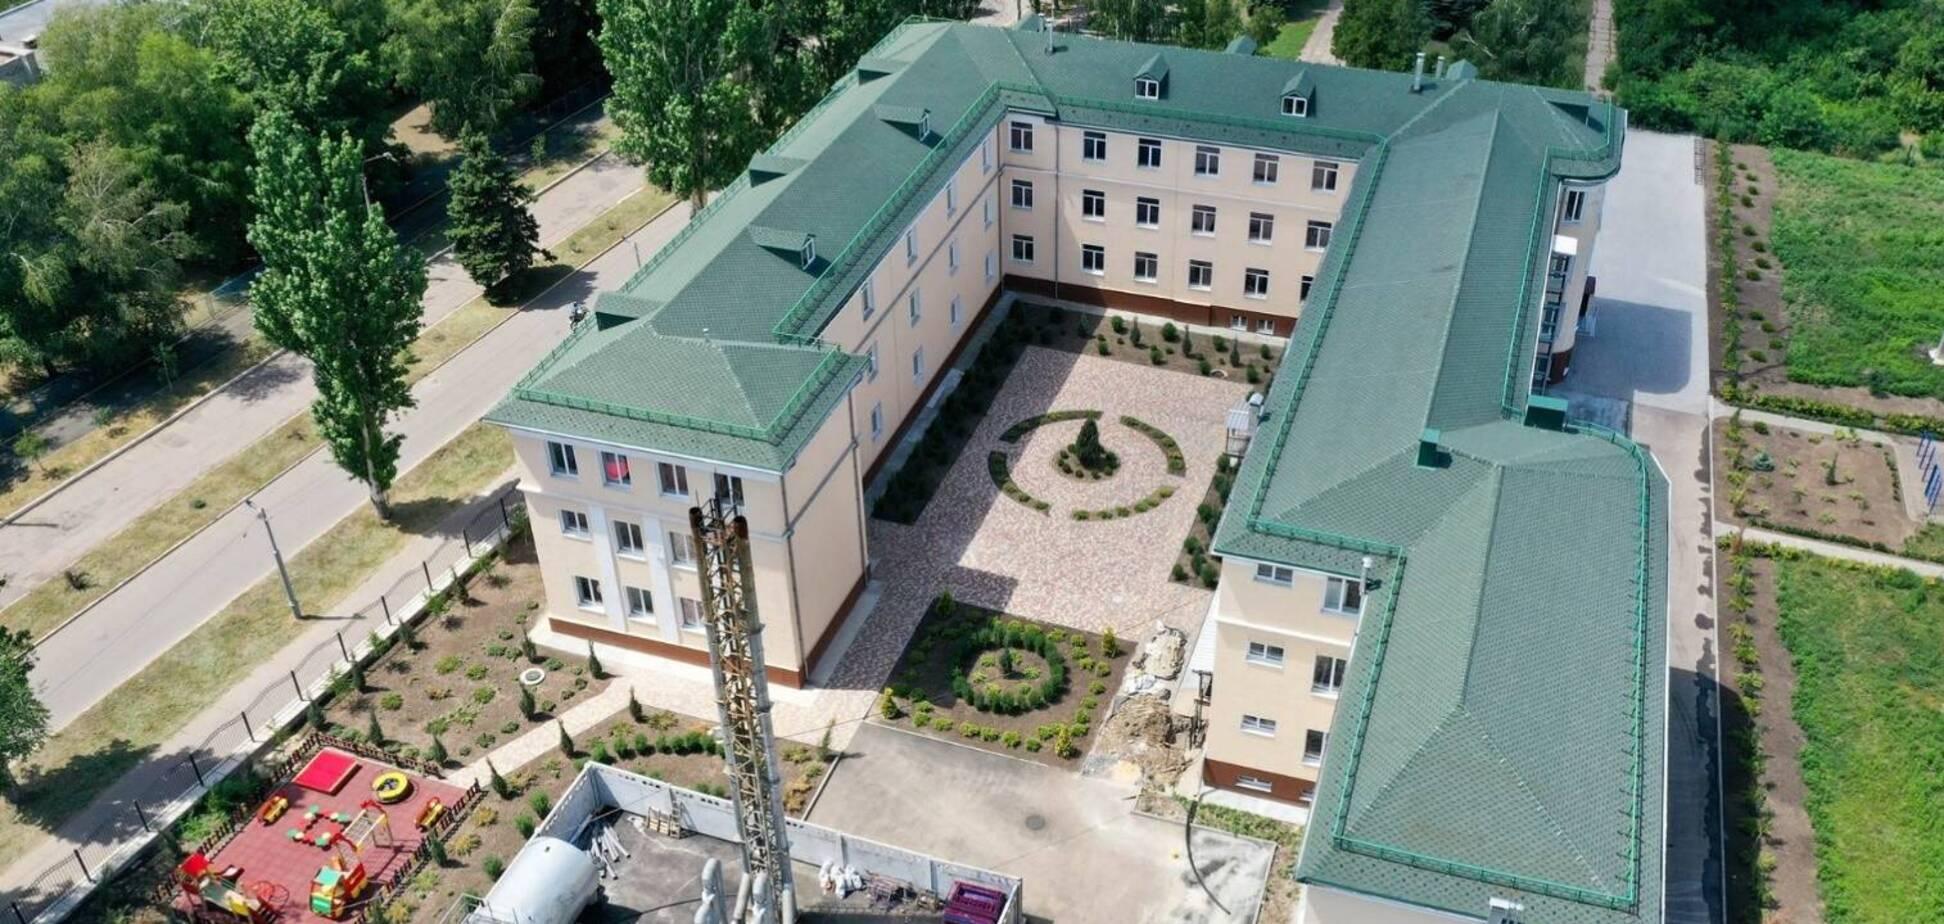 Як 'Велике будівництво' змінює обличчя Донецької області. Фото, відео